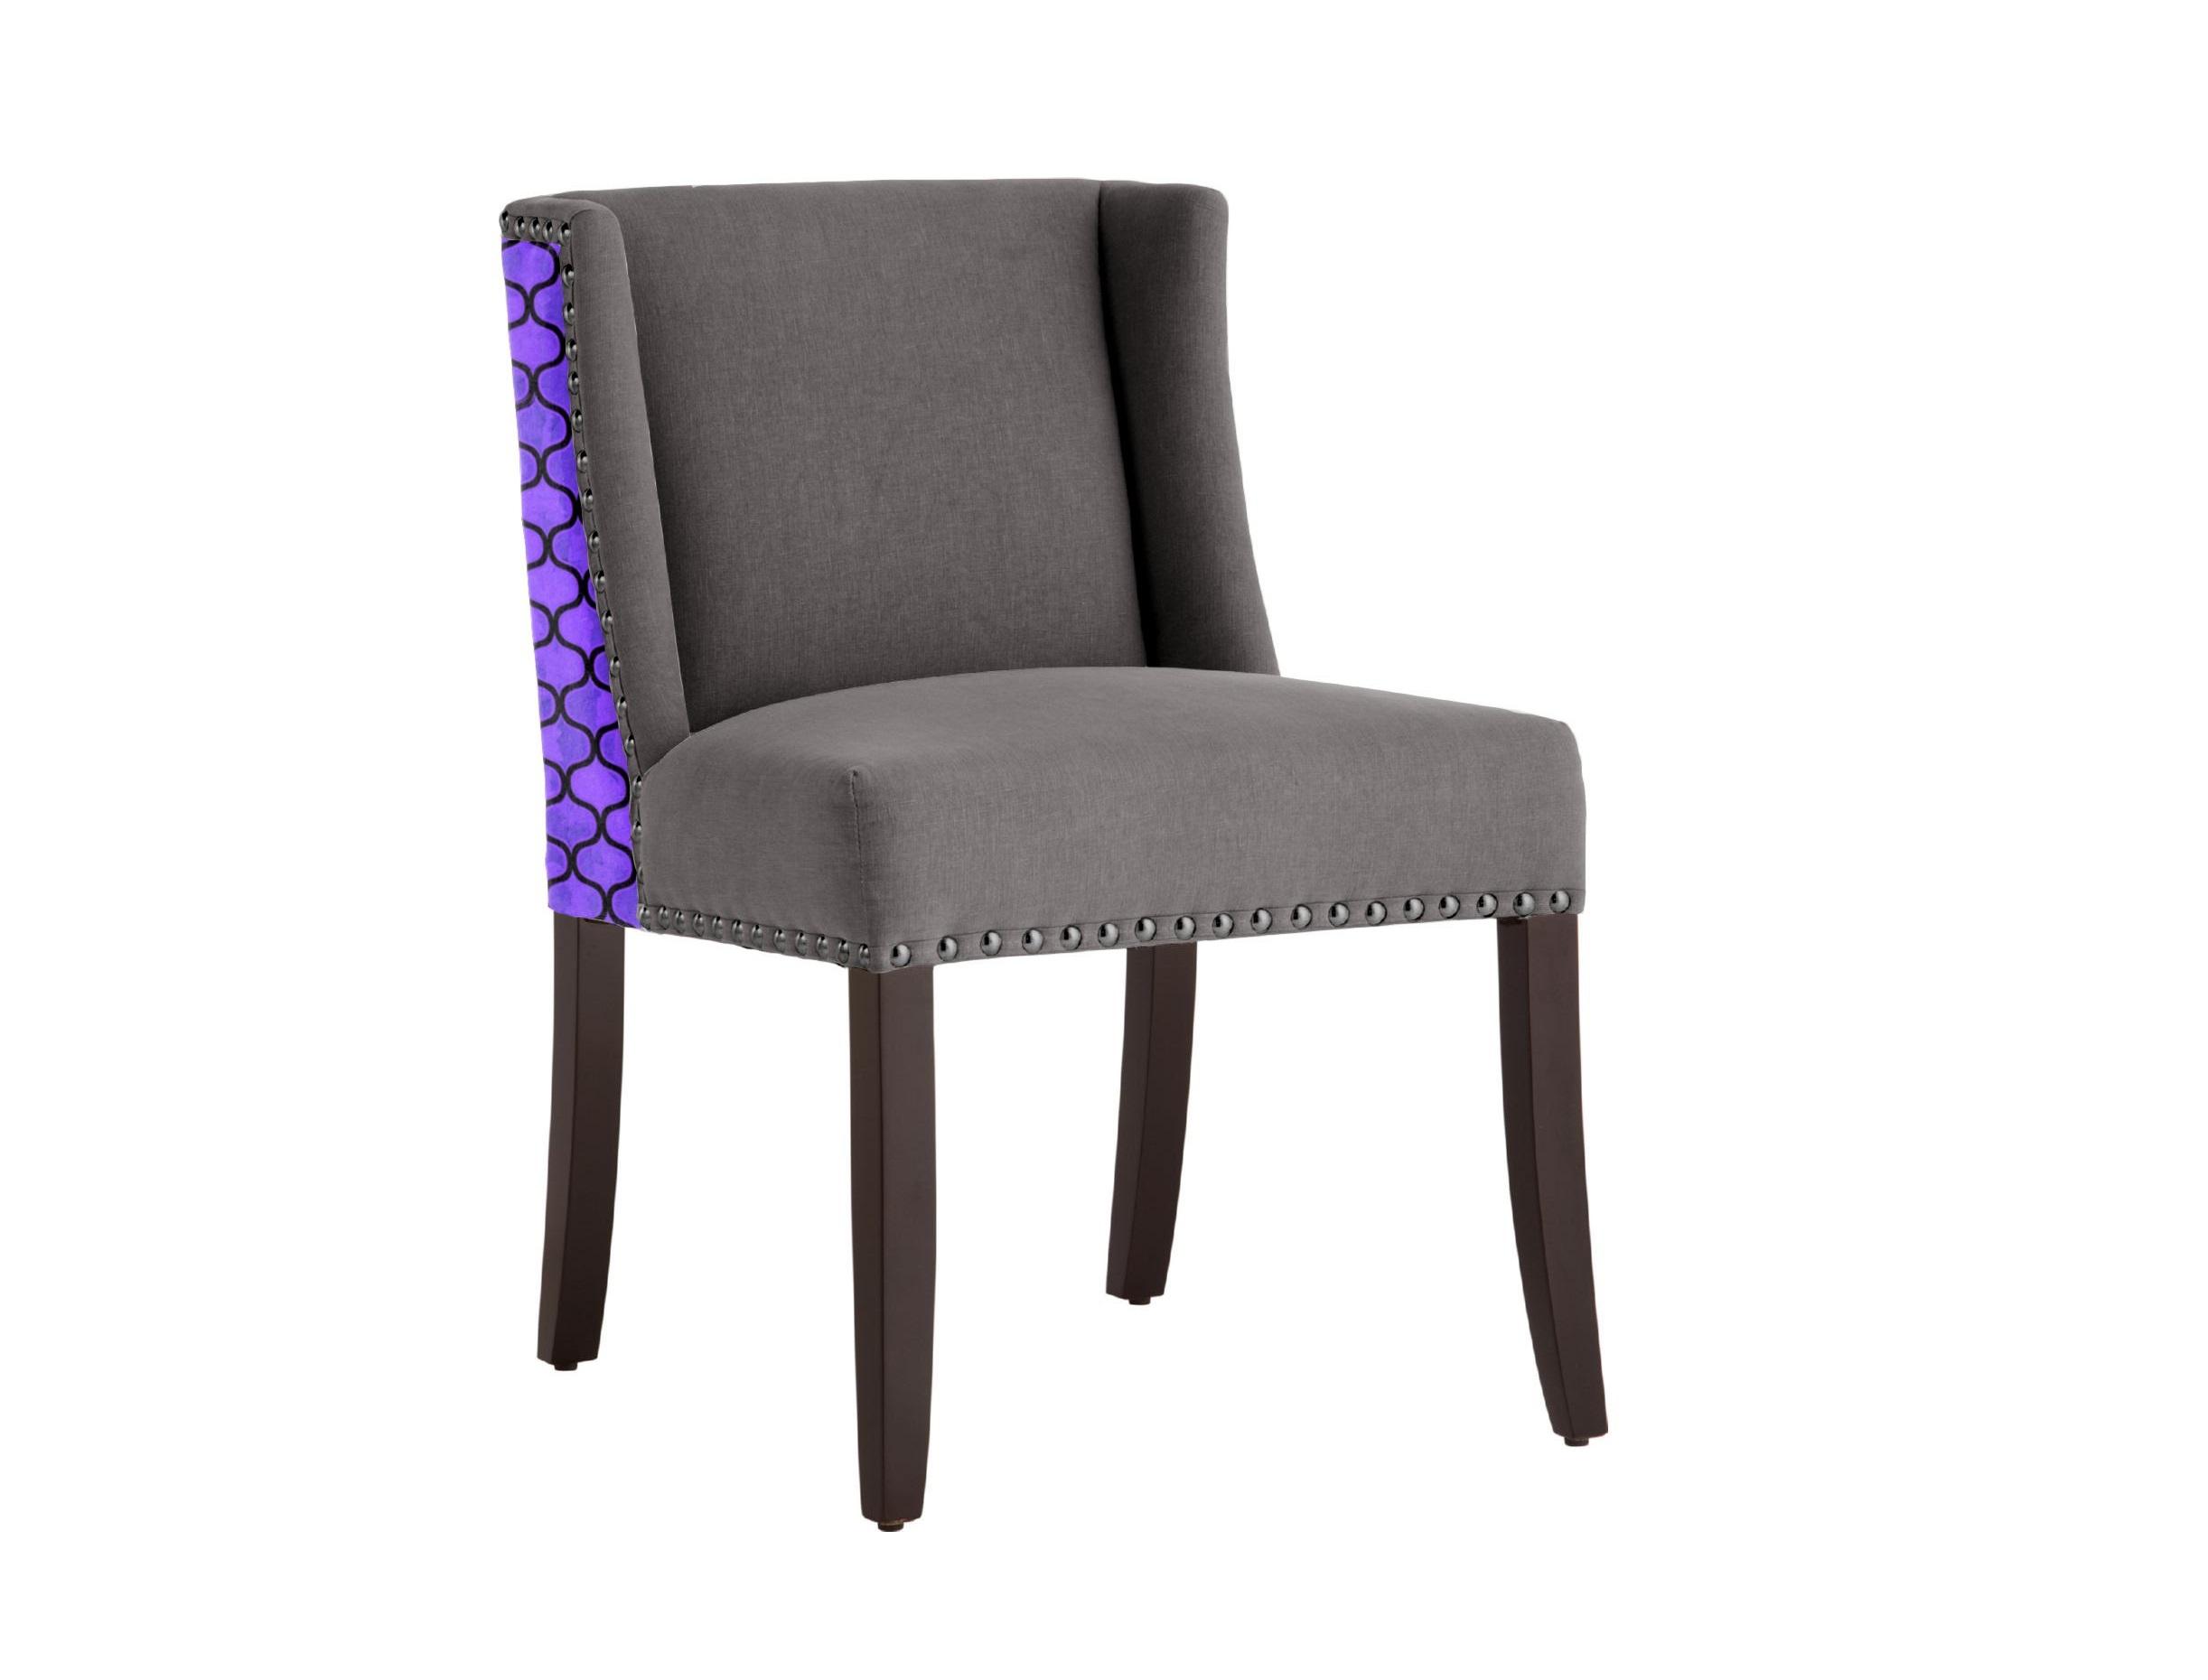 Стул Chameleo AdventureПолукресла<br>Уникальный дизайн. Полукресло-стул с принтом супер талантливого художника из Бангладеш Amir Faysal. Амир популярен во всем мире и эксклюзивно сотрудничает с Российским брендом ICON DESIGNE. Эти стулья можно использовать как в гостиной, так и в столовой! Идеально впишутся в интерьер! Произведено из экологически чистых материалов. Модель представлена в ткани микровелюр – мягкий, бархатистый материал, широко используемый в качестве обивки для мебели. Обладает целым рядом замечательных свойств: отлично пропускает воздух, отталкивает пыль и долго сохраняет изначальный цвет, не протираясь и не выцветая. Высокие эксплуатационные свойства в сочетании с превосходным дизайном обеспечили микровелюру большую популярность.&amp;amp;nbsp;&amp;lt;div&amp;gt;&amp;lt;br&amp;gt;&amp;lt;/div&amp;gt;&amp;lt;div&amp;gt;Материалы: дуб, текстиль.&amp;amp;nbsp;&amp;lt;/div&amp;gt;<br><br>Material: Текстиль<br>Length см: None<br>Width см: 53<br>Depth см: 58<br>Height см: 82